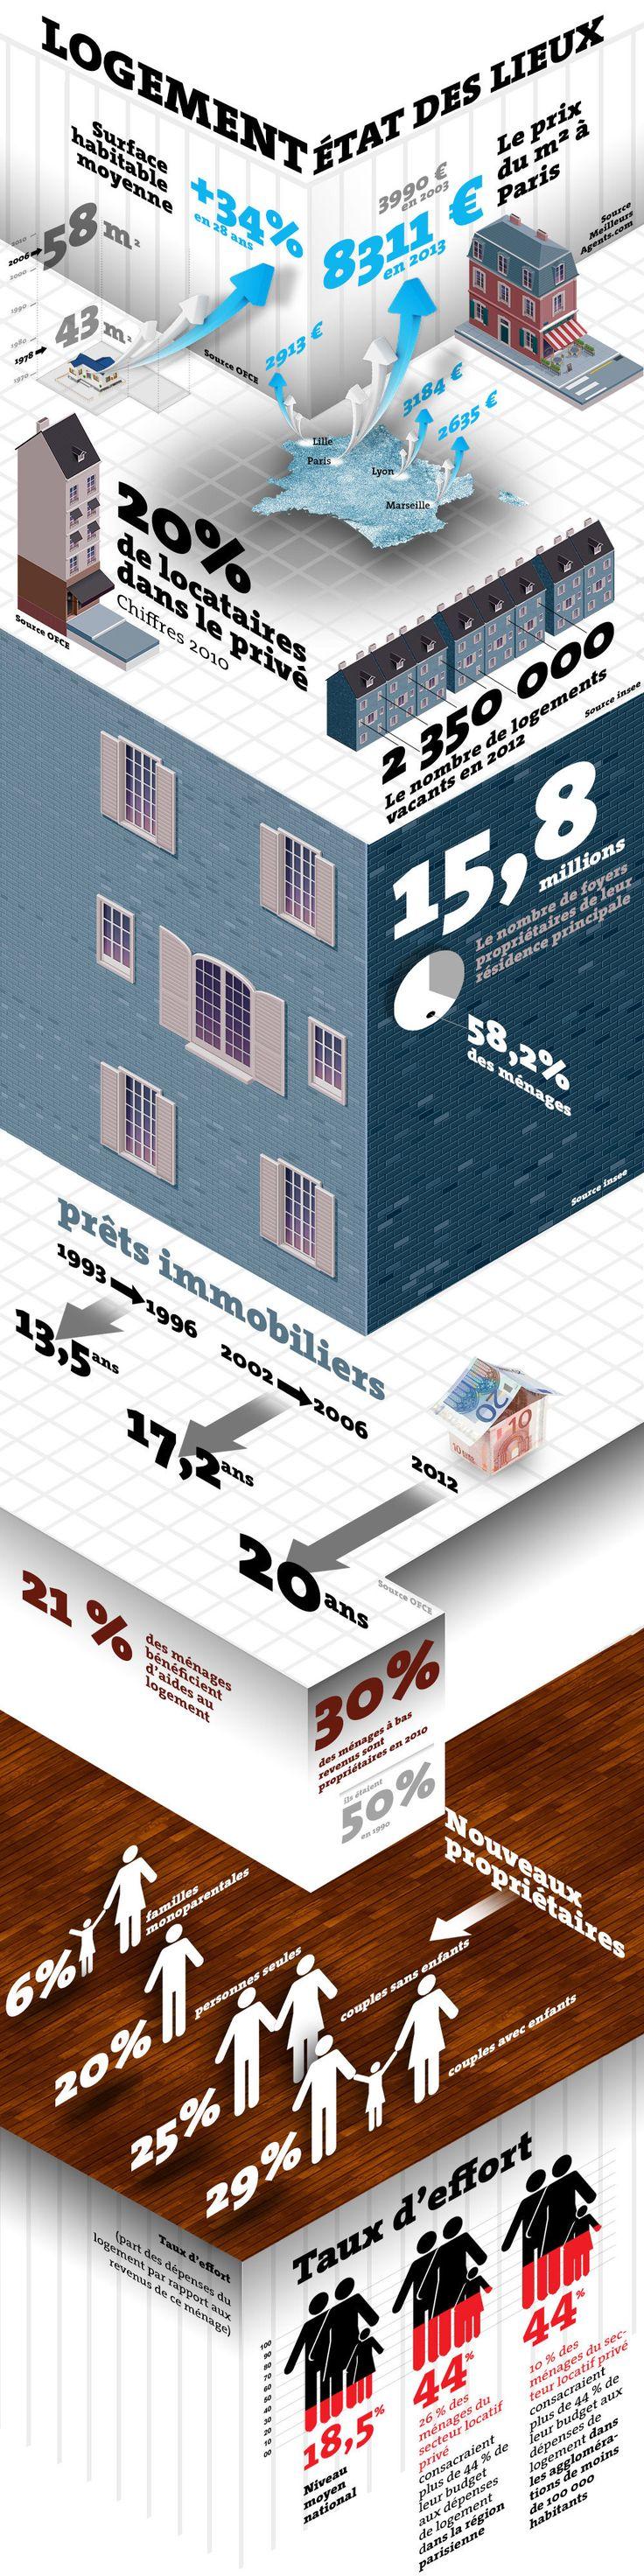 modele etat des lieux 2013